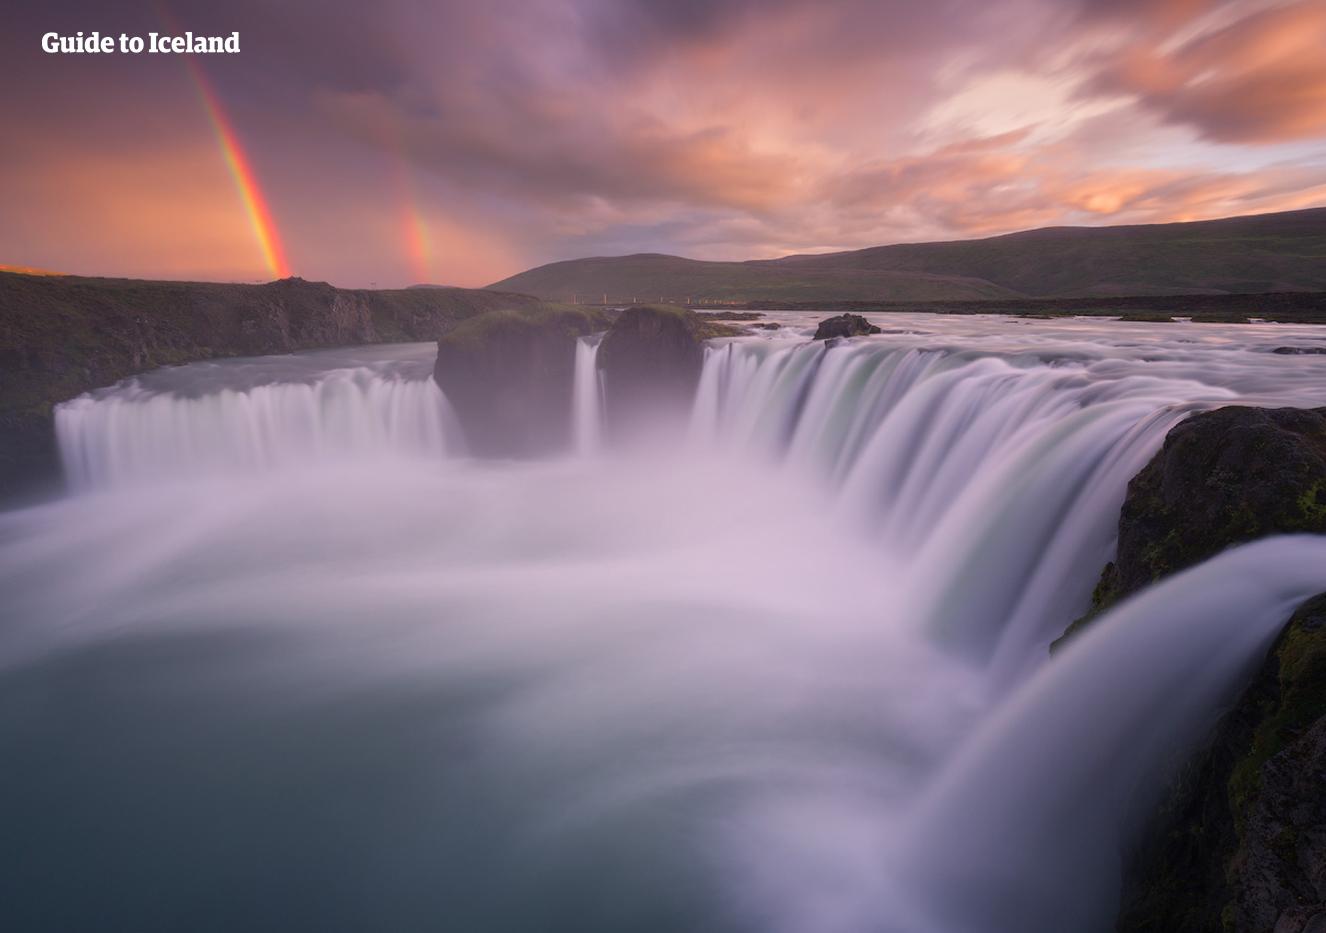 11-dniowa letnia, samodzielna wycieczka po całej obwodnicy Islandii z wodospadami i gorącymi źródłami - day 4